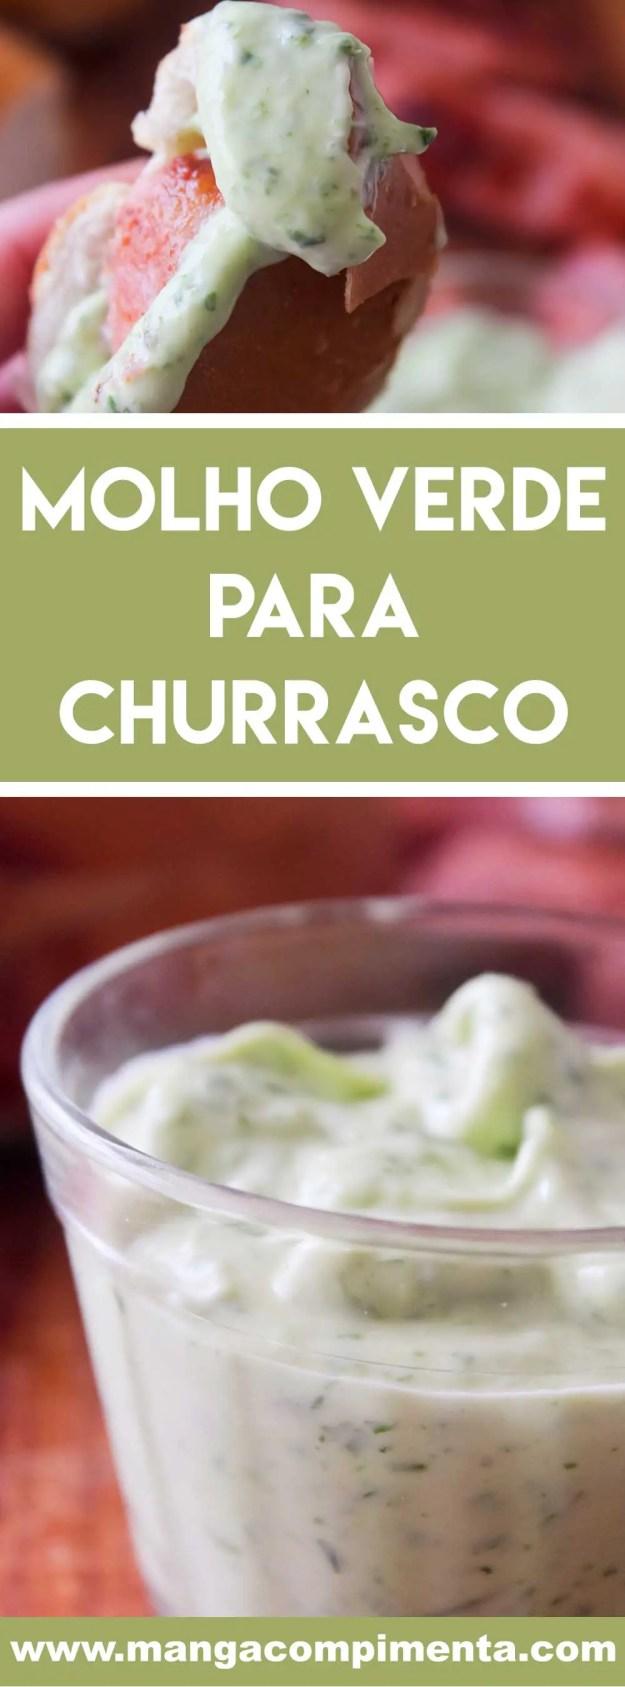 Receita de Molho Verde para Churrasco - aproveite o final de semana de churrasco com os amigos para servir bem!